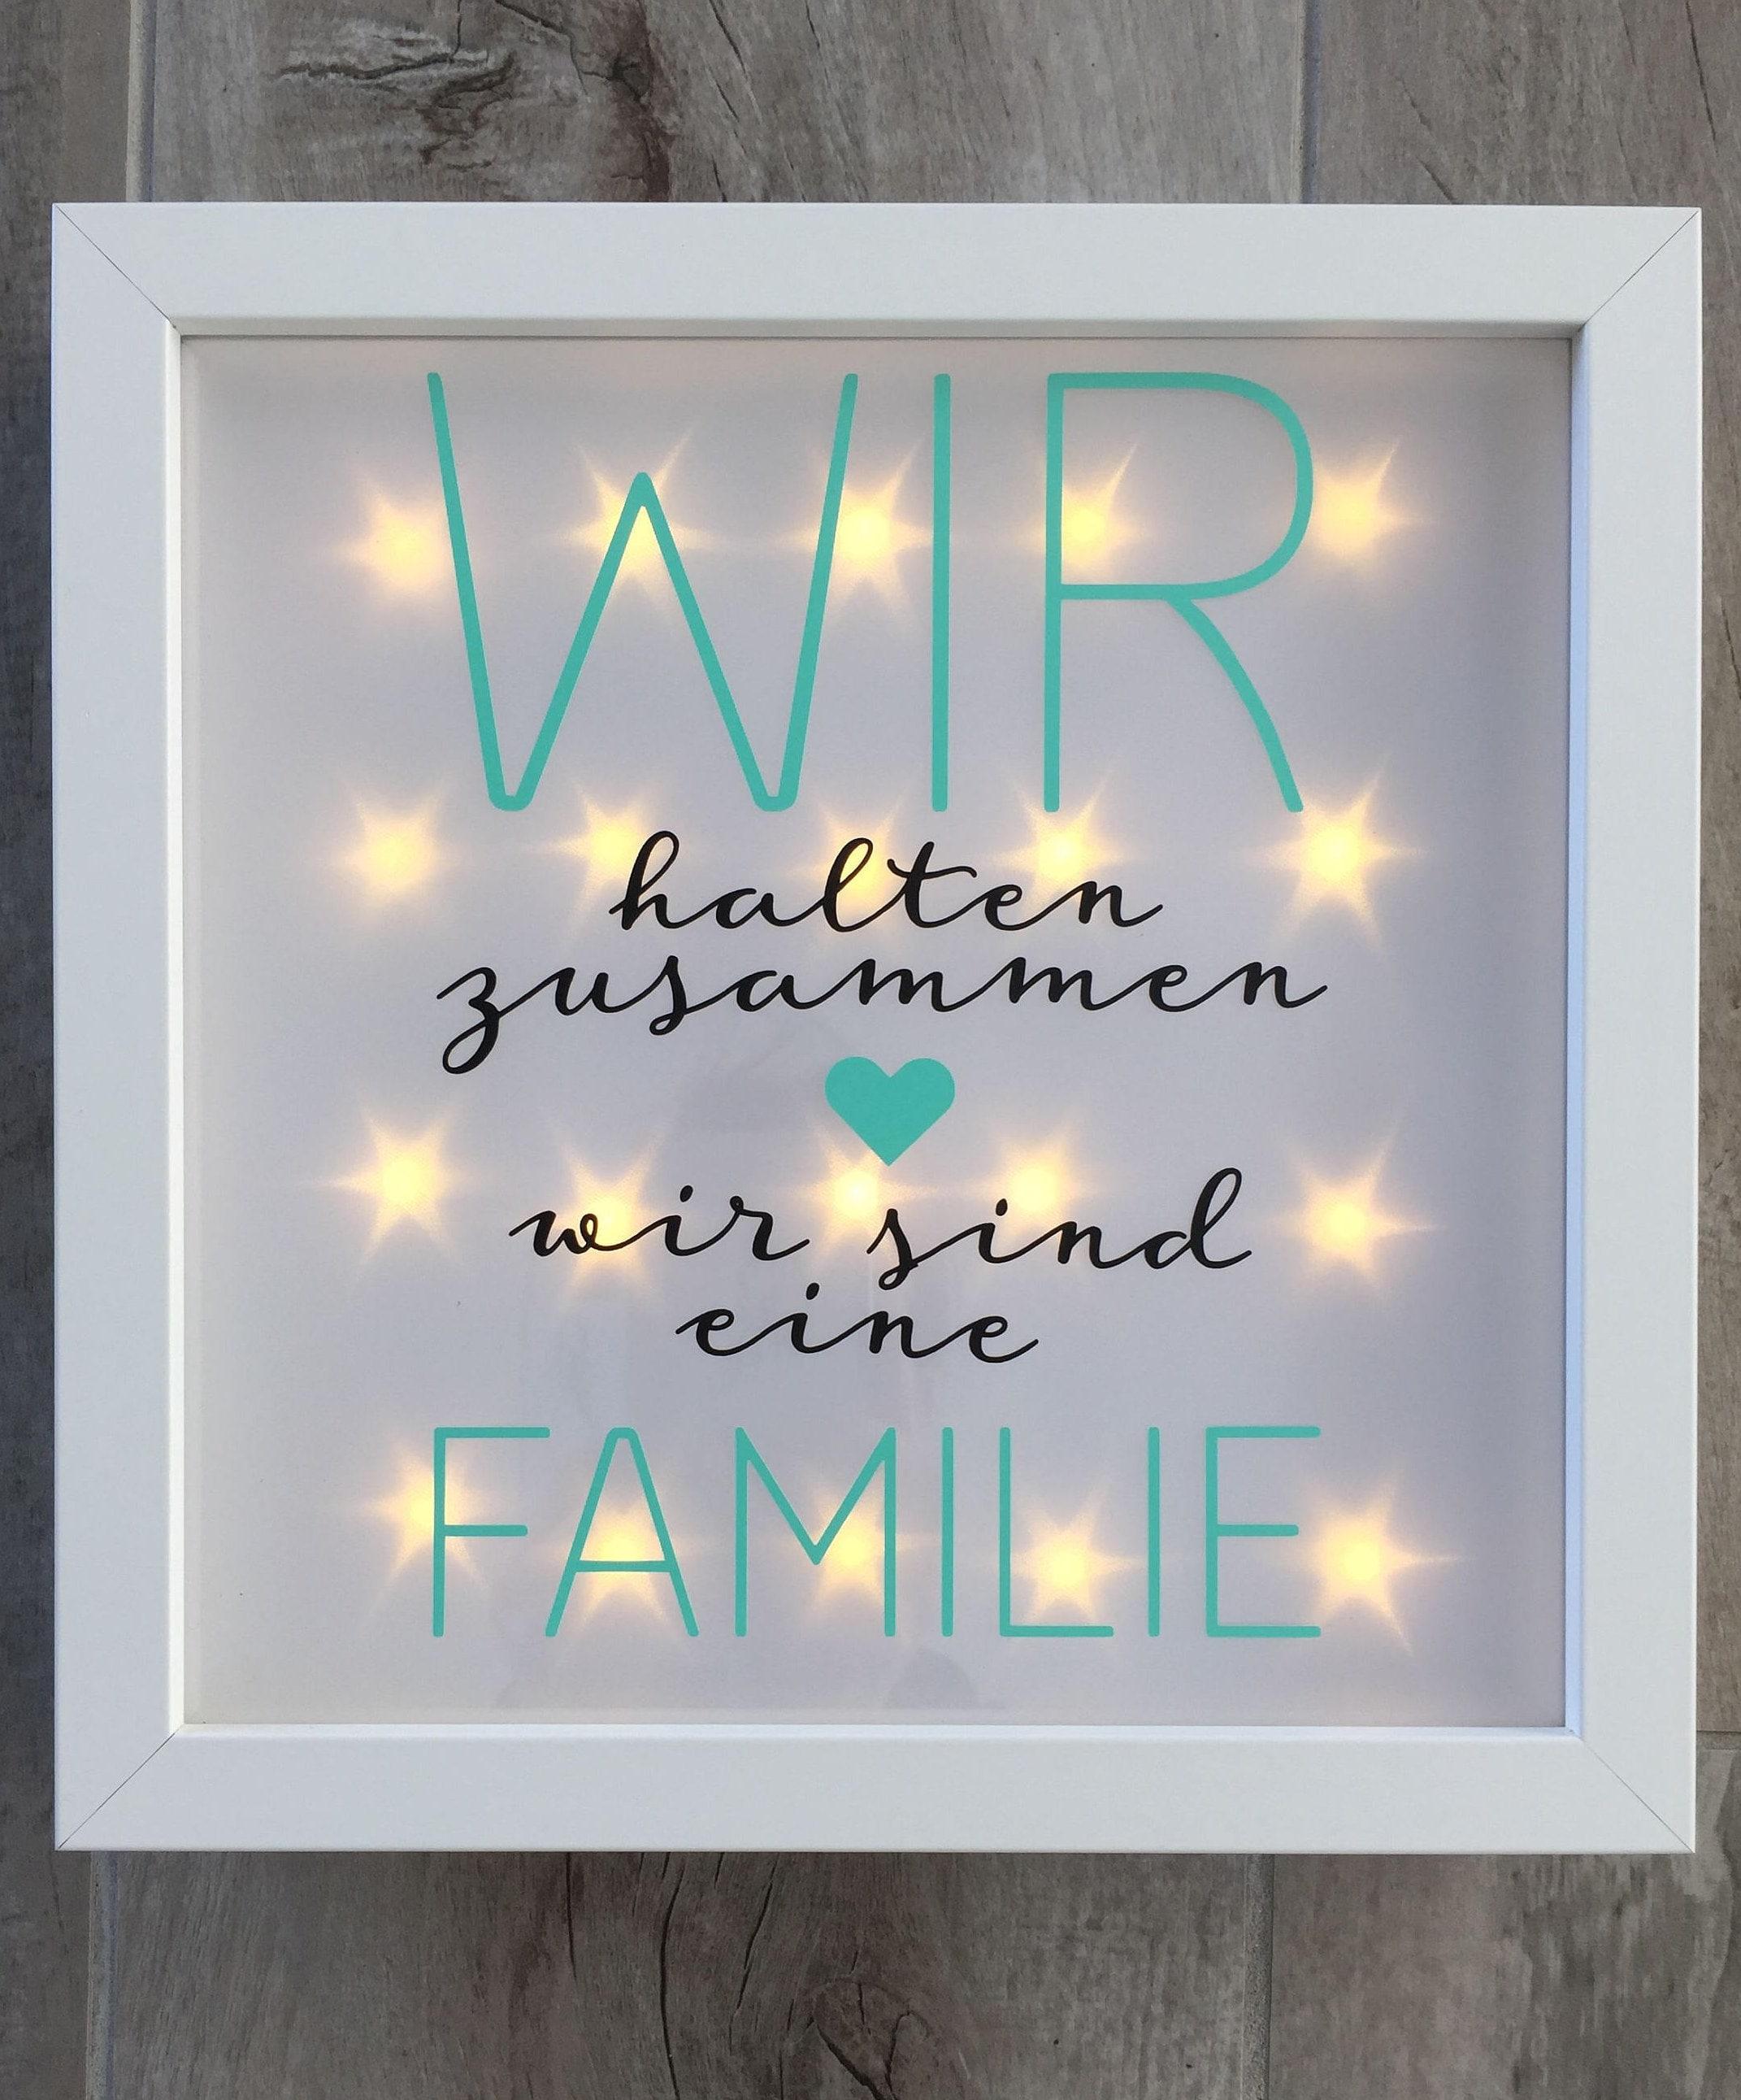 geschenk familie beleuchteter bilderrahmen mit spruch. Black Bedroom Furniture Sets. Home Design Ideas